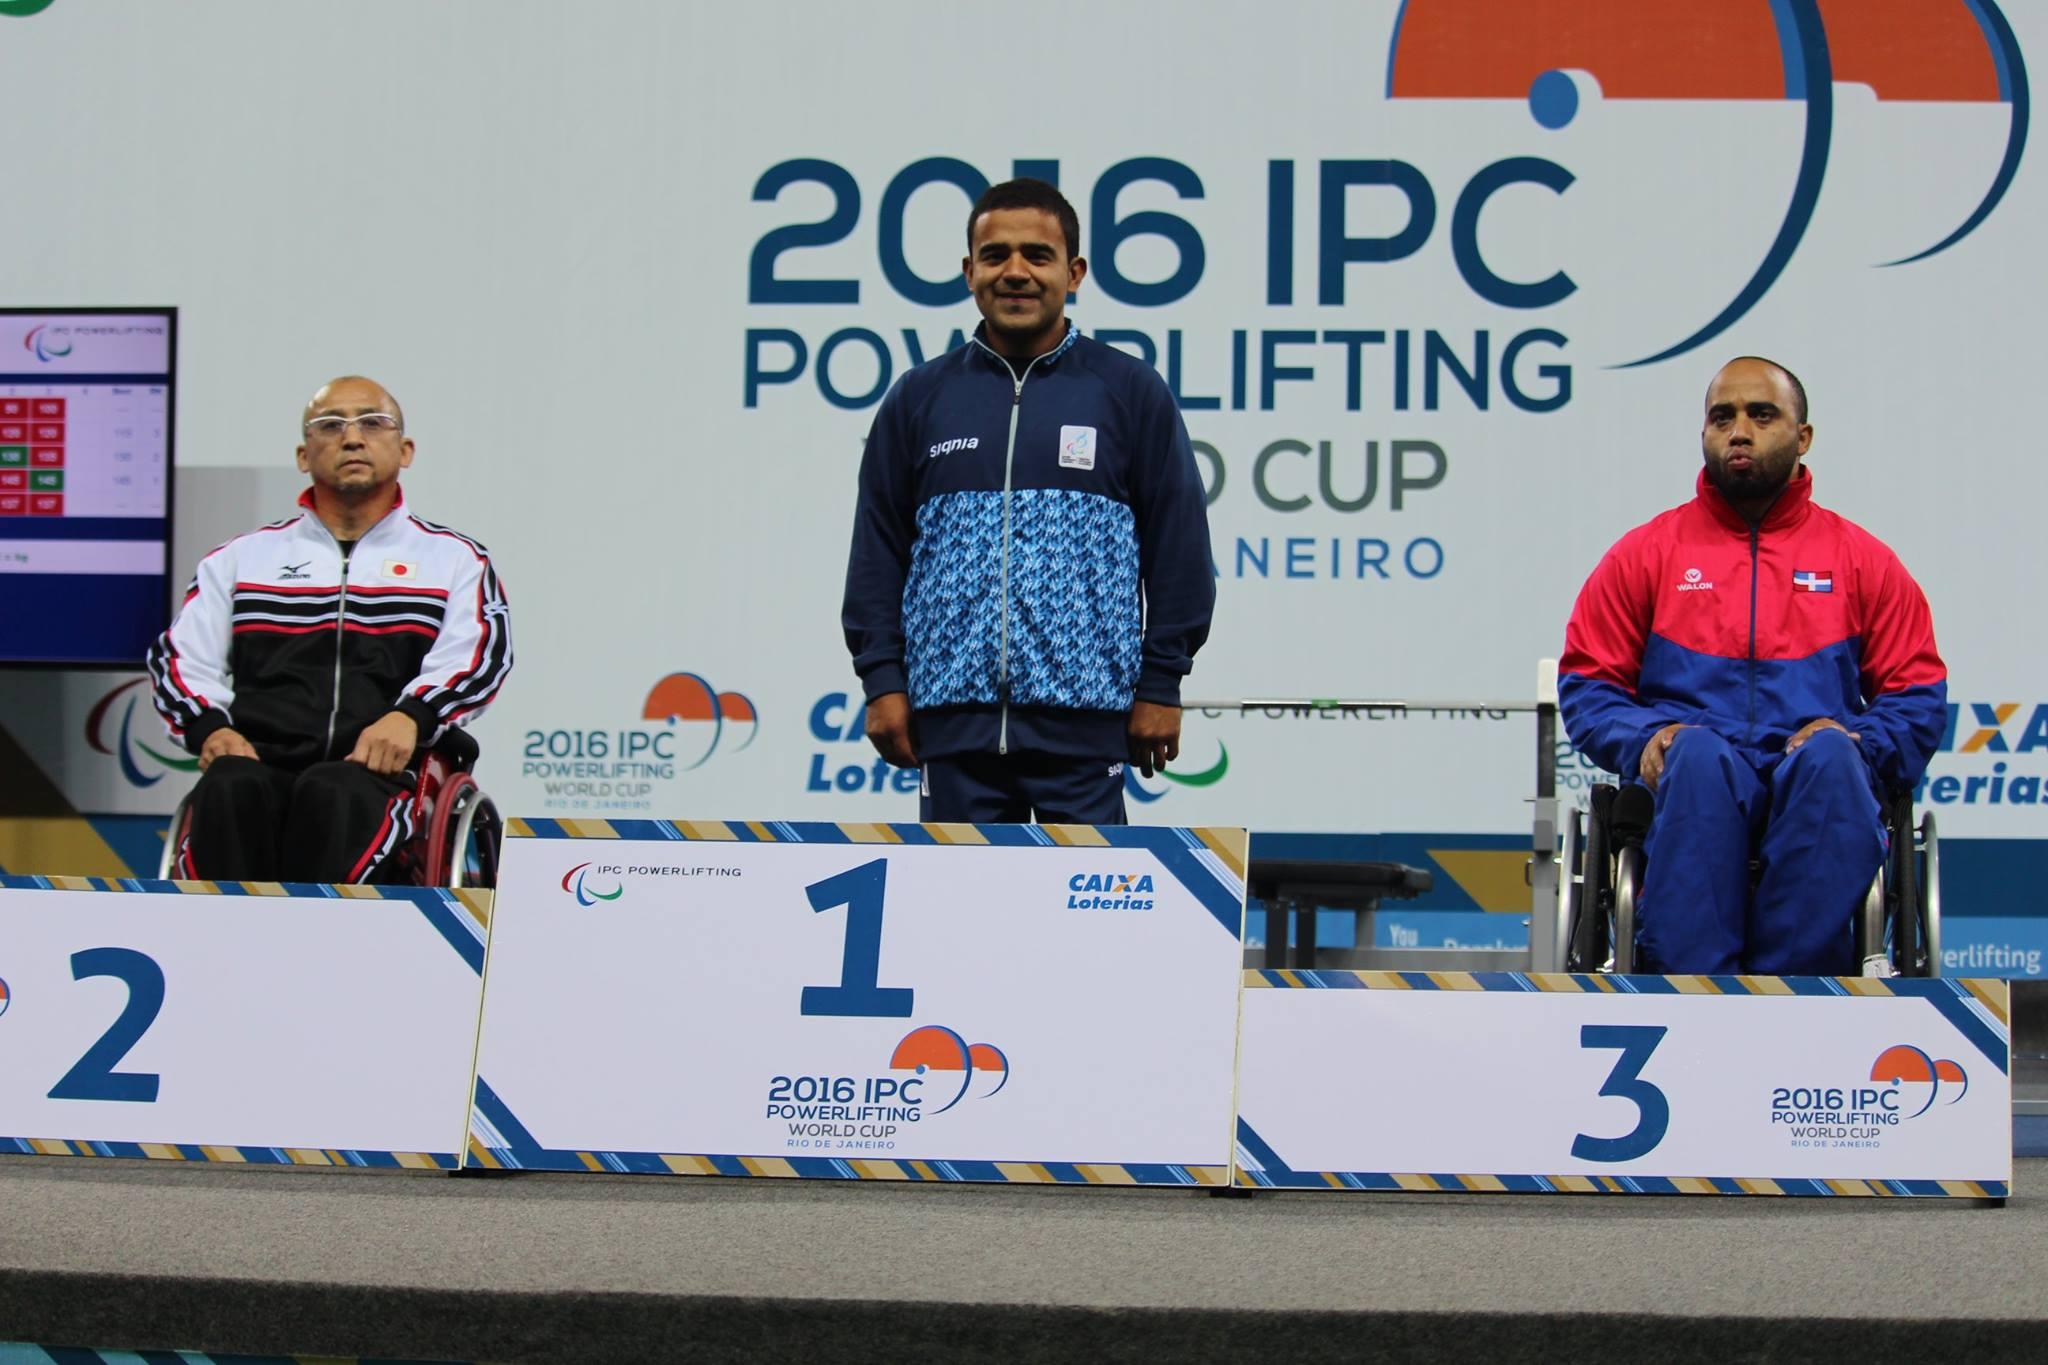 David Coronel en lo más alto del podio de Río de Janeiro. (Foto: Facebook)